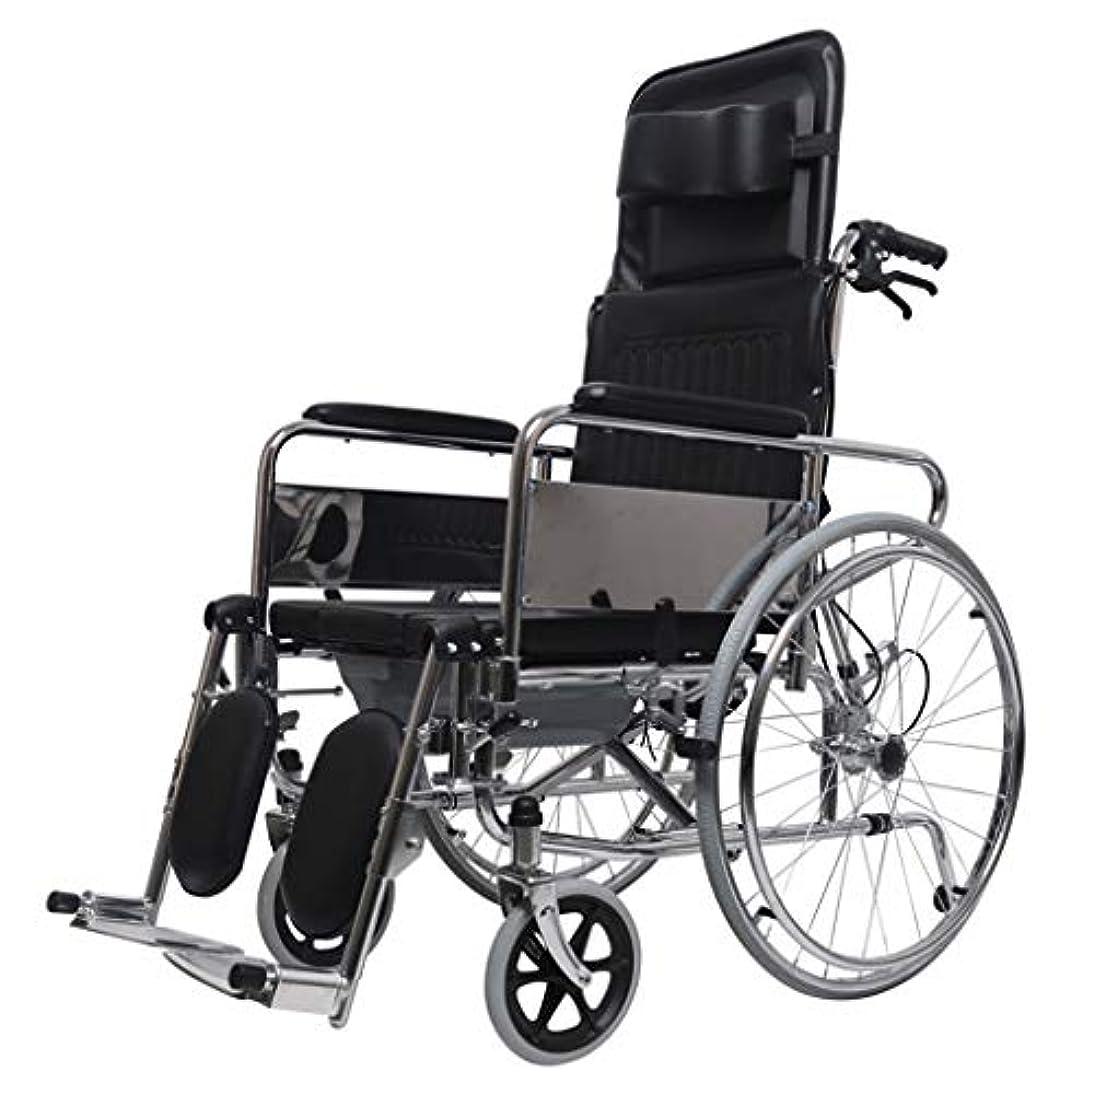 柔らかさ哲学ケーブル車椅子トロリー、ブレーキ付き多機能折りたたみ、高齢者向け車椅子、屋外旅行、優れたヘルパー